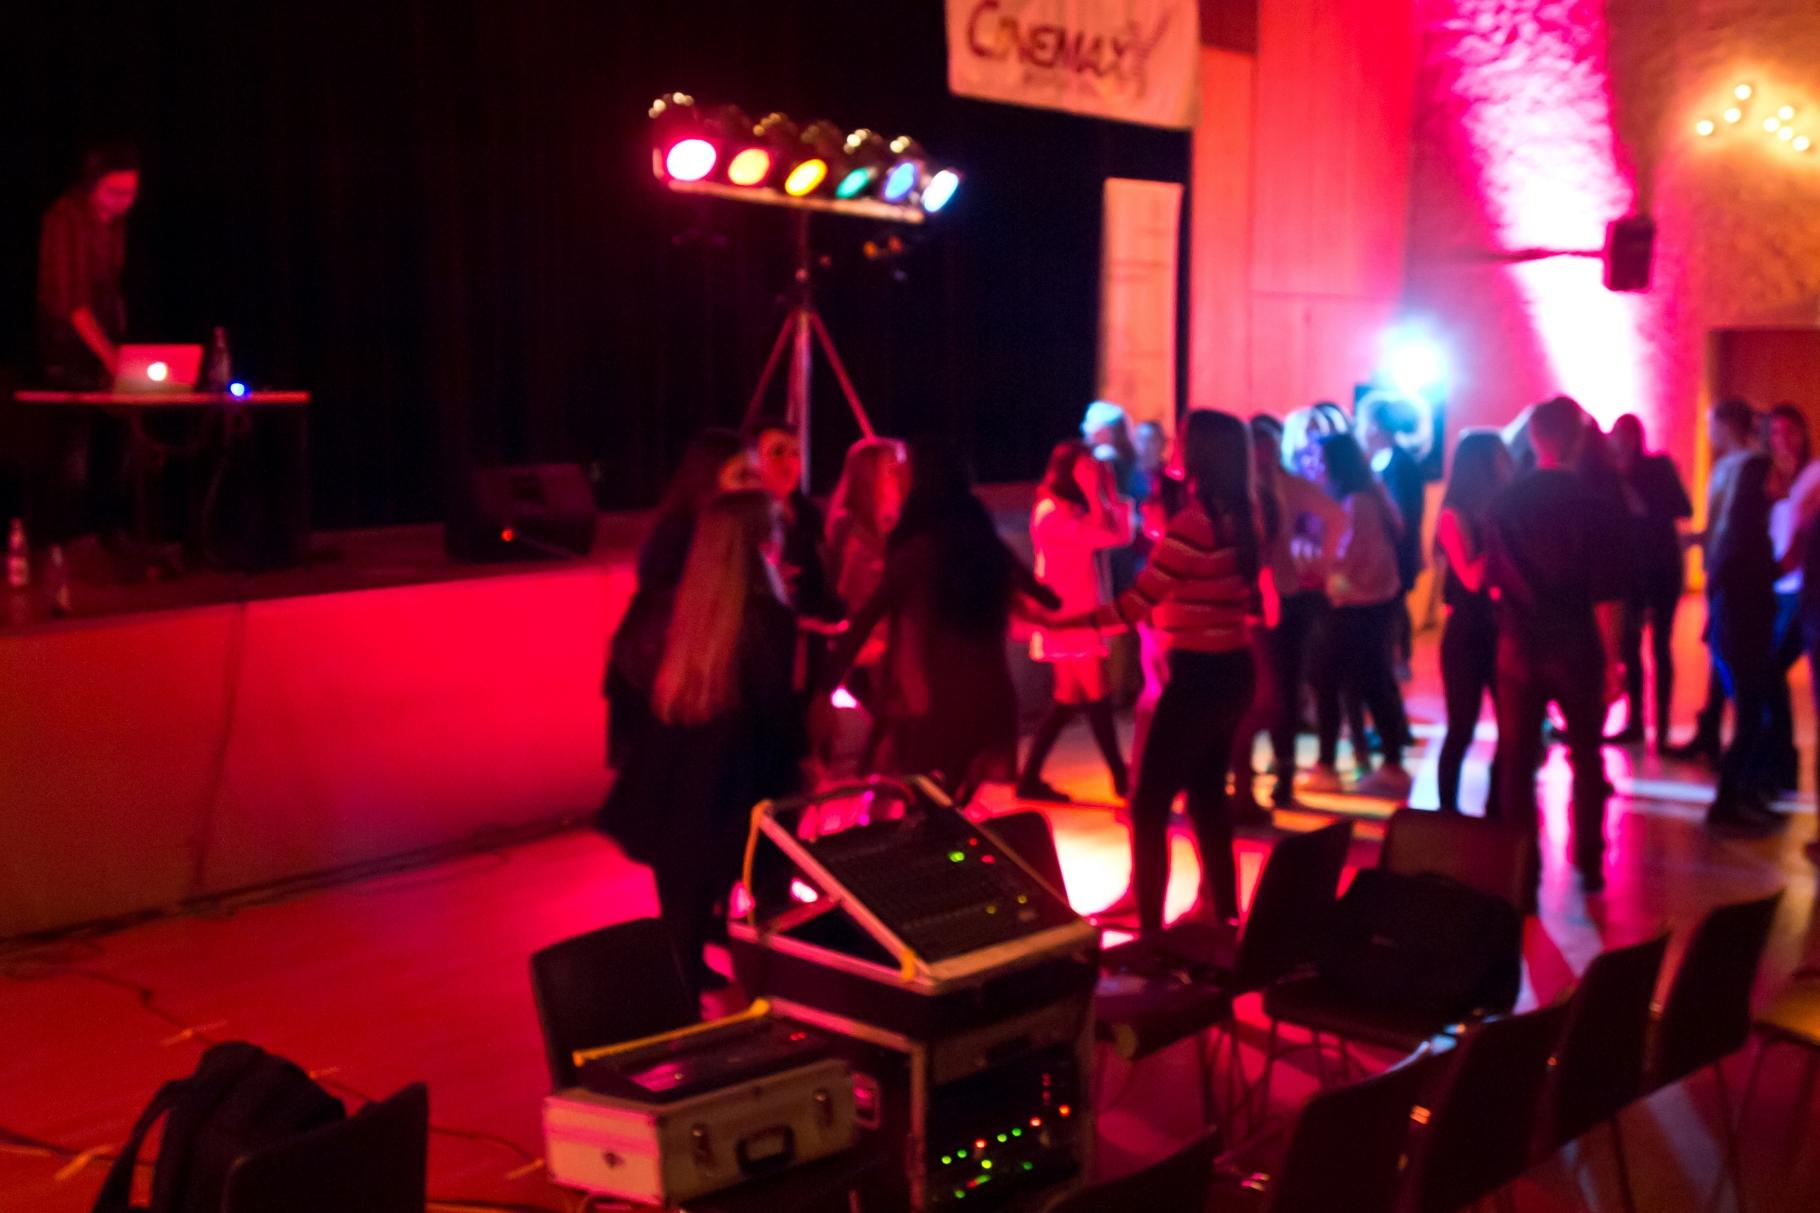 change in - Abschlussfest Barbarasaal Stetten-Institut - Unsere Disco zum Abschluss der Veranstaltung - Foto: Robert Hösle - Freiwilligen-Zentrum Augsburg